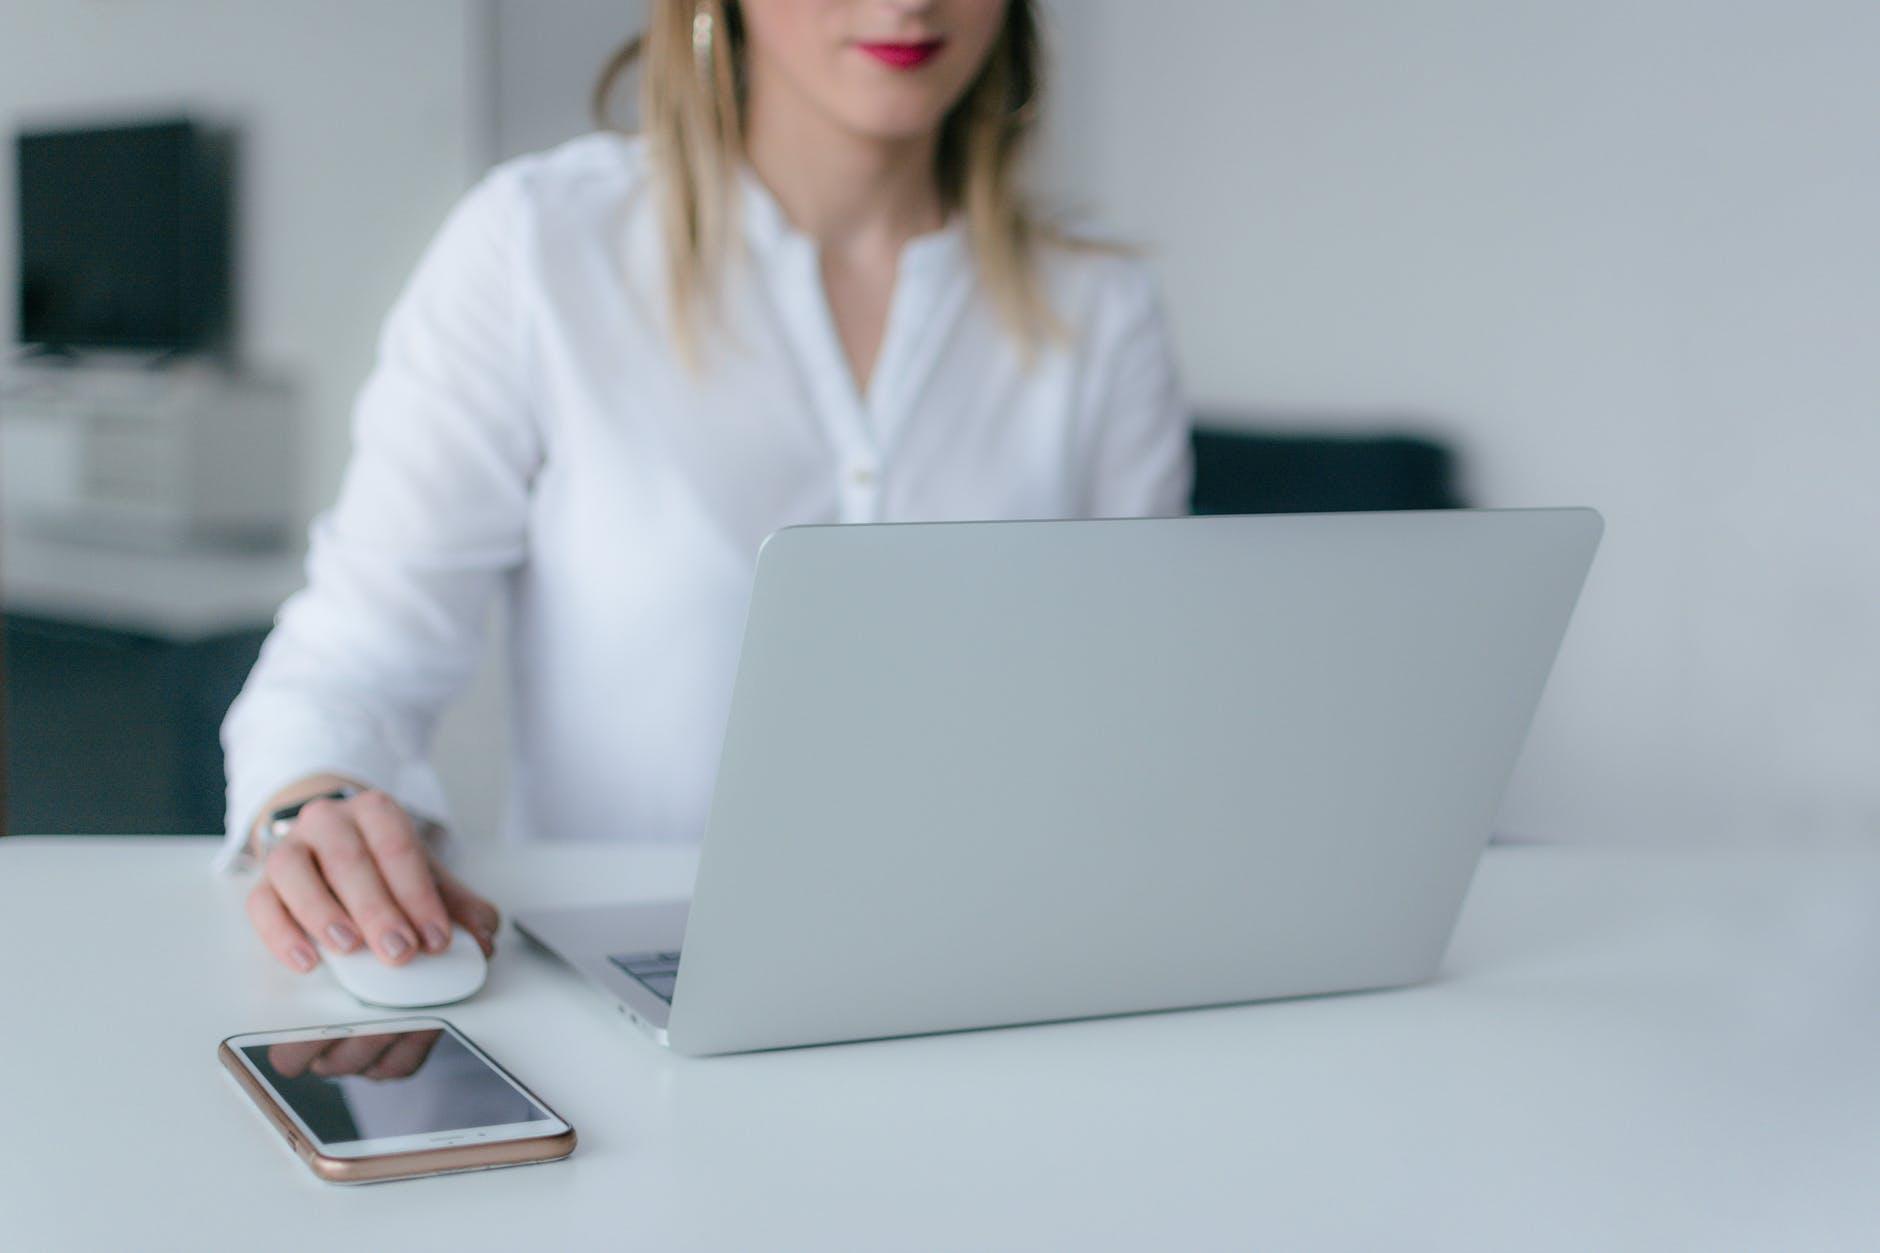 ¿Crear tu tienda online desde cero o sumarte a un marketplace? 4 razones para ayudar a tu negocio a resolver este dilema en 2021